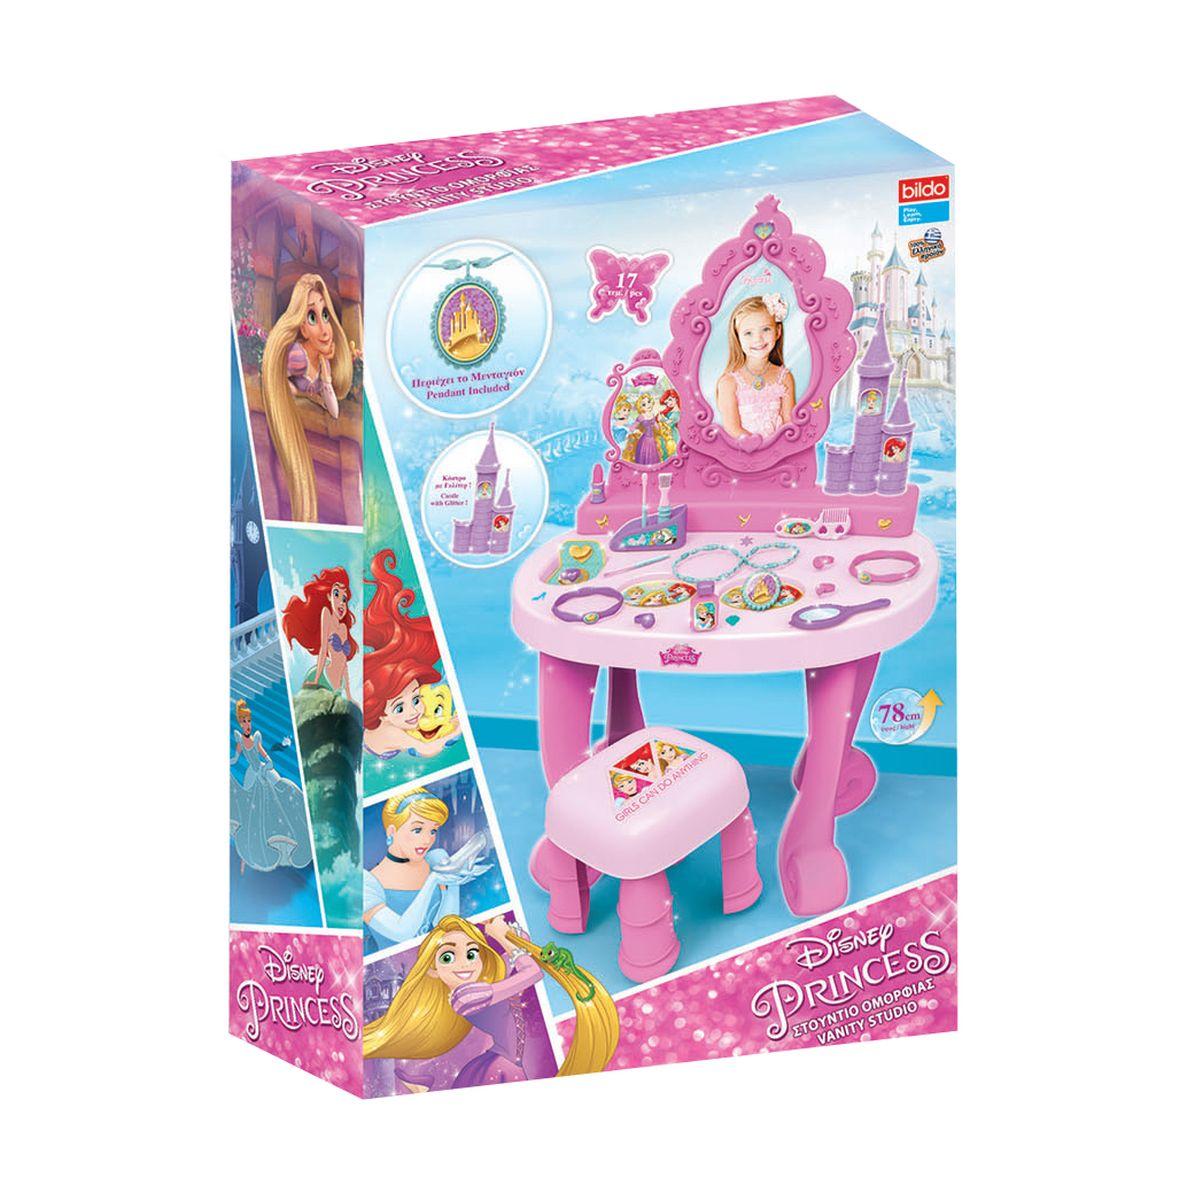 BILDO Игровая парикмахерская большая ПринцессаB 7124Игровая парикмахерская Принцесса, арт. В7124 Состоит из туалетного столика с аксессуарами и зеркалом, пуфика. В собранном виде высота 78 см.